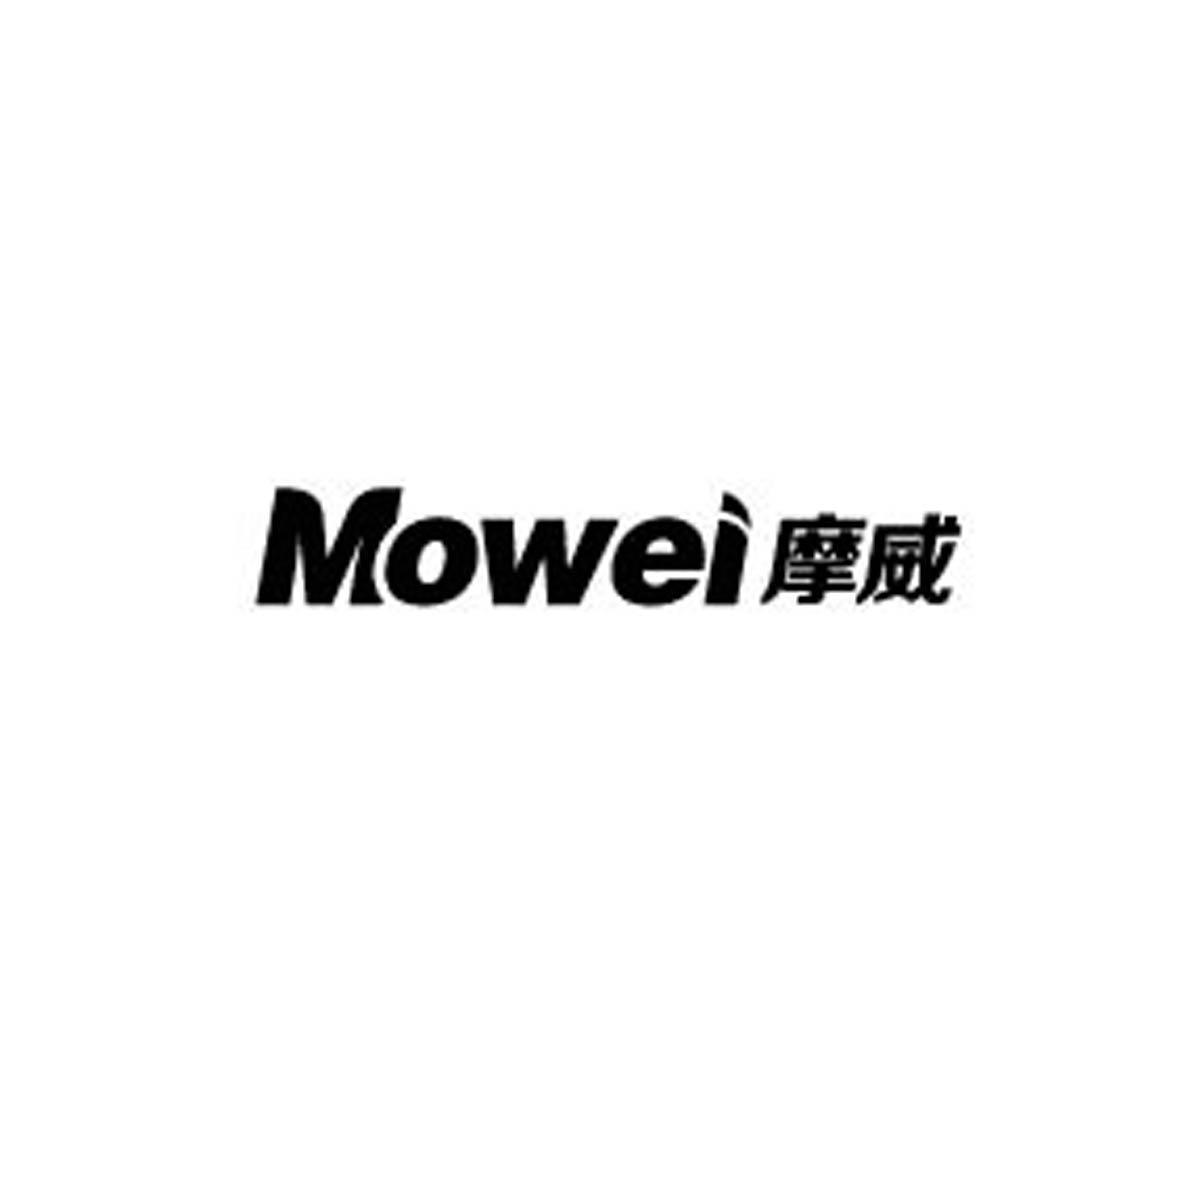 摩威v整形面膜怎么样